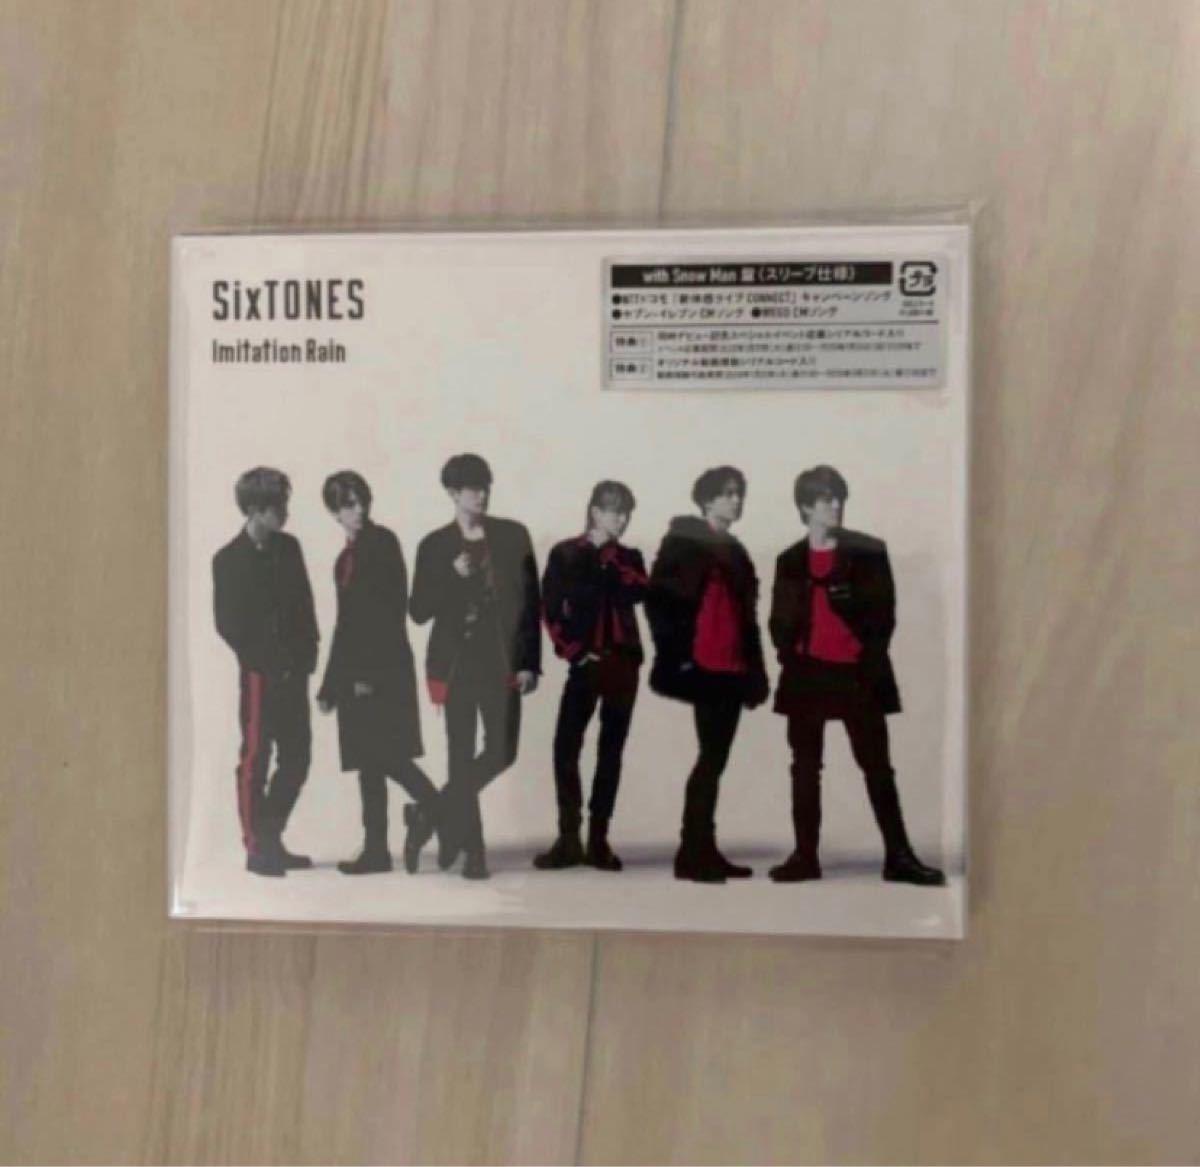 Sixtones イミテーション レイン